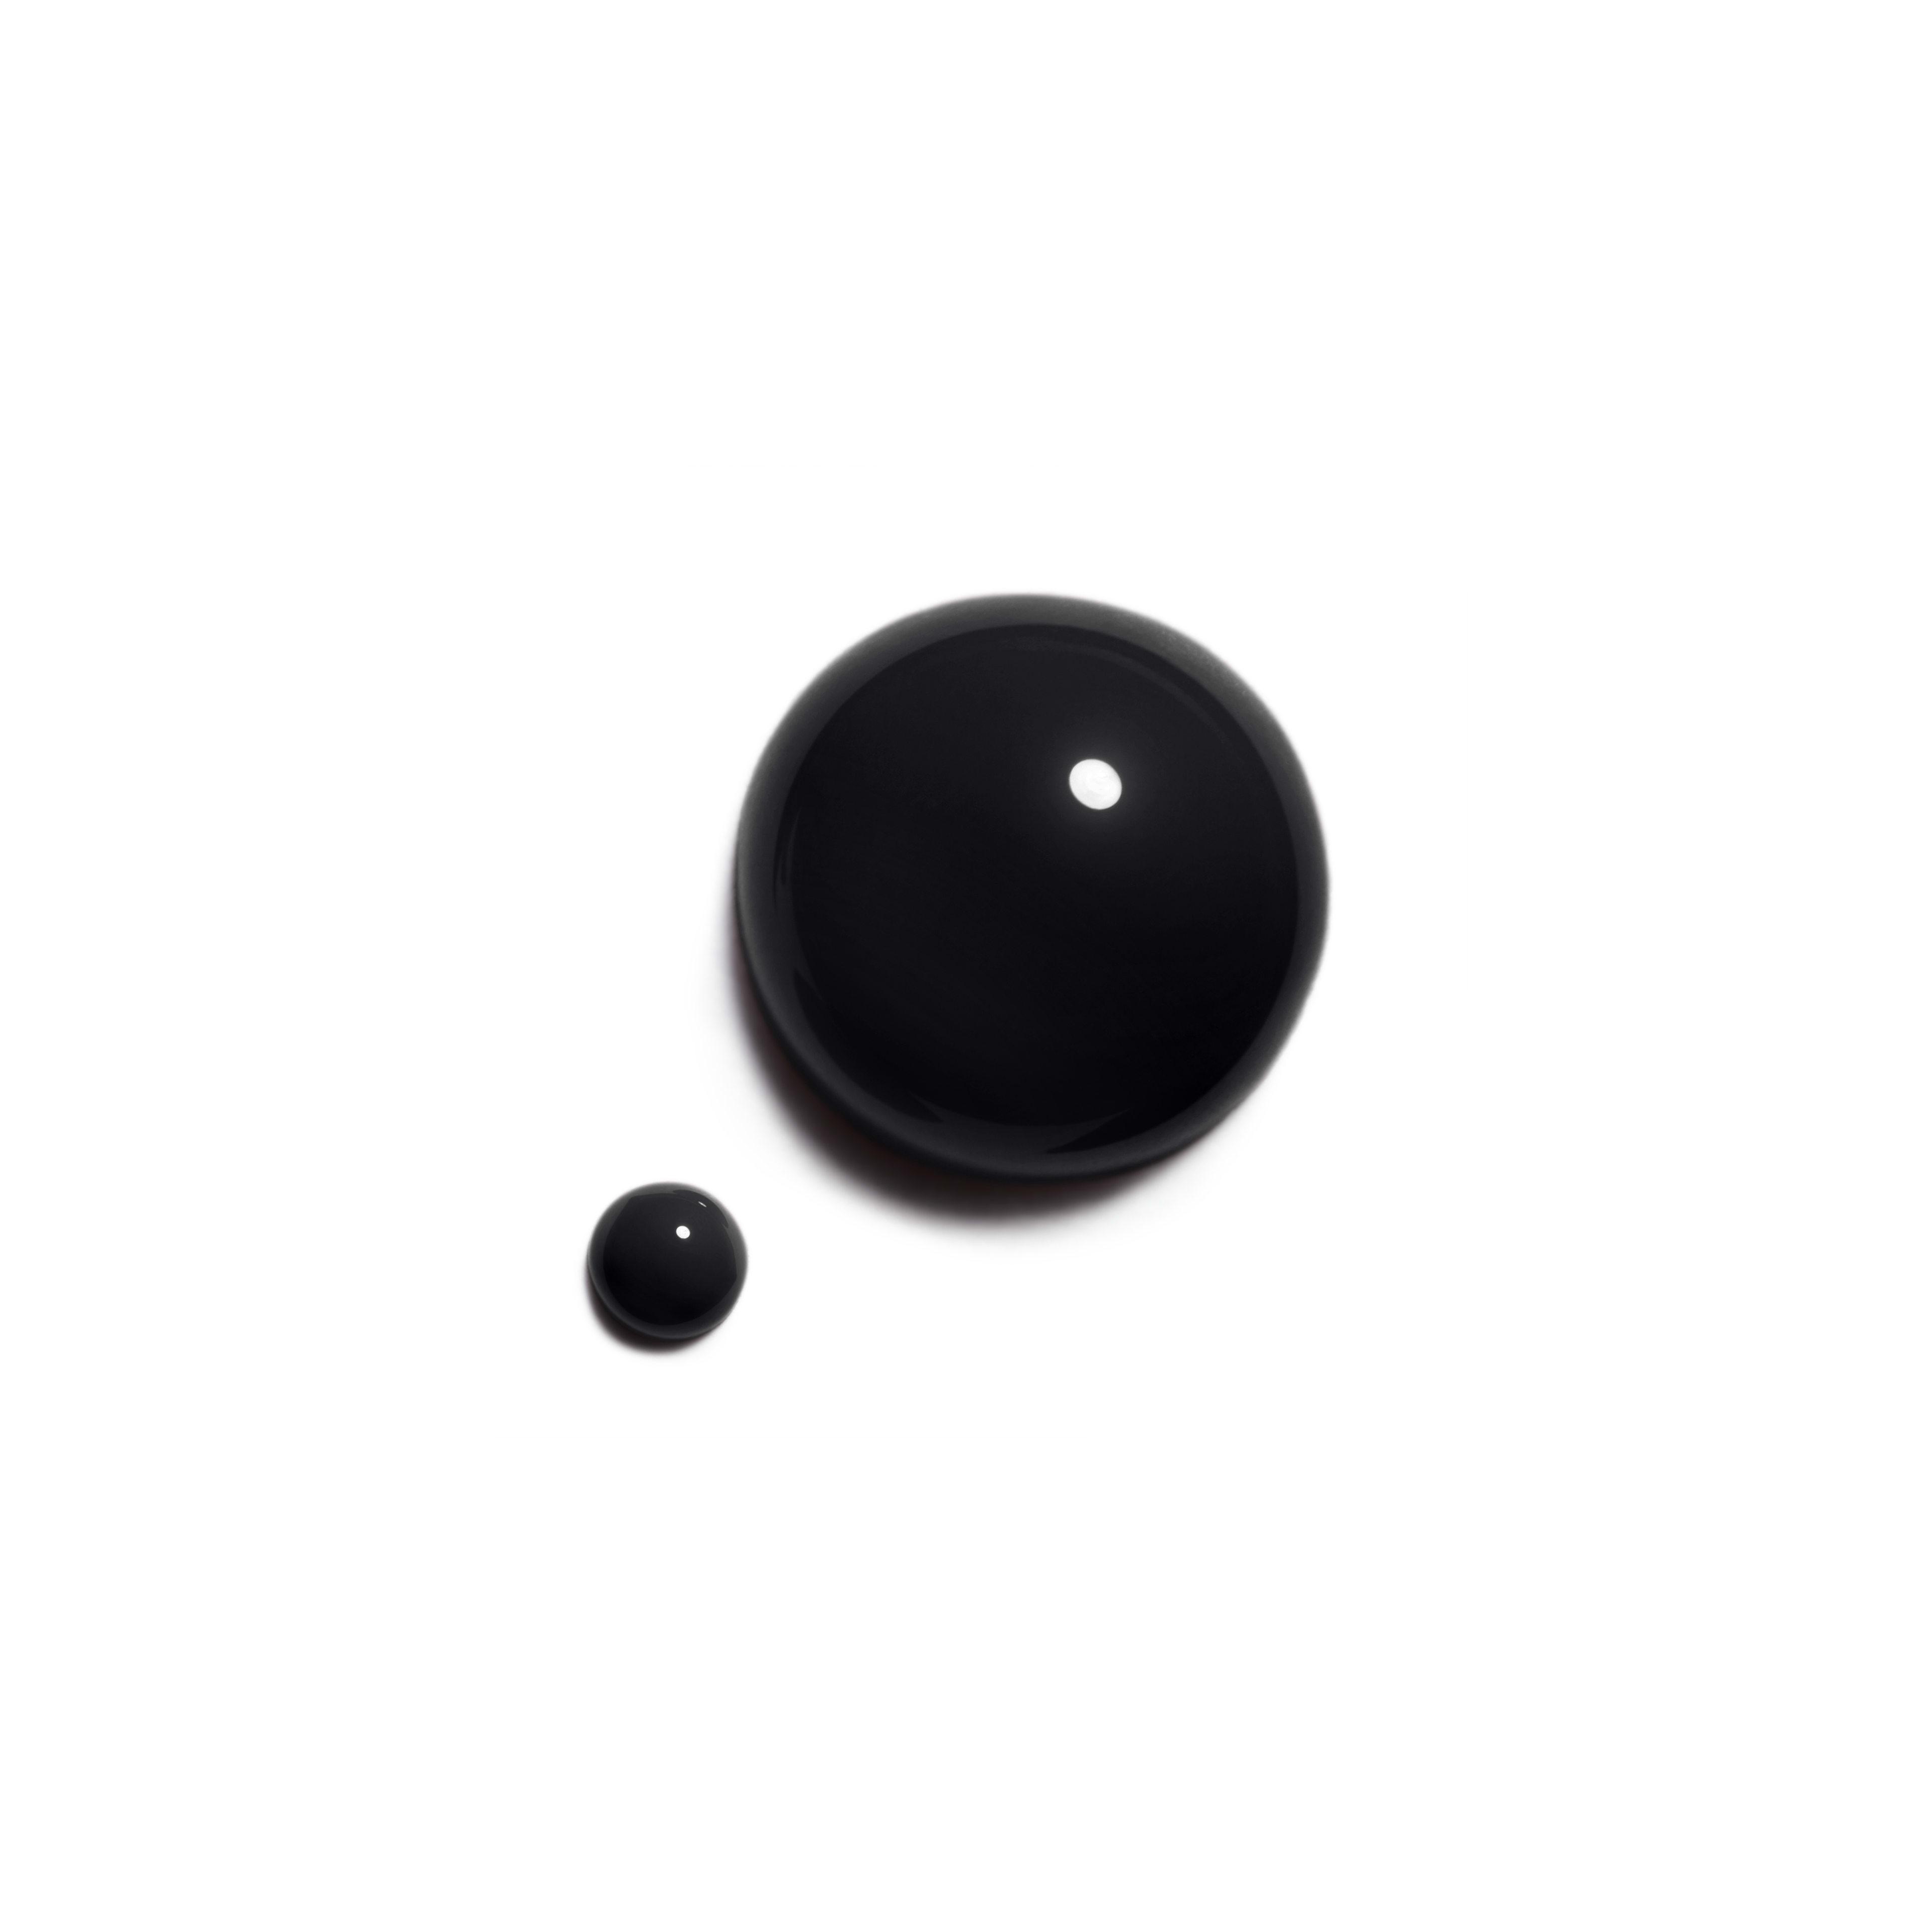 LE VERNIS - makeup - 0.4FL. OZ. - Basic texture view